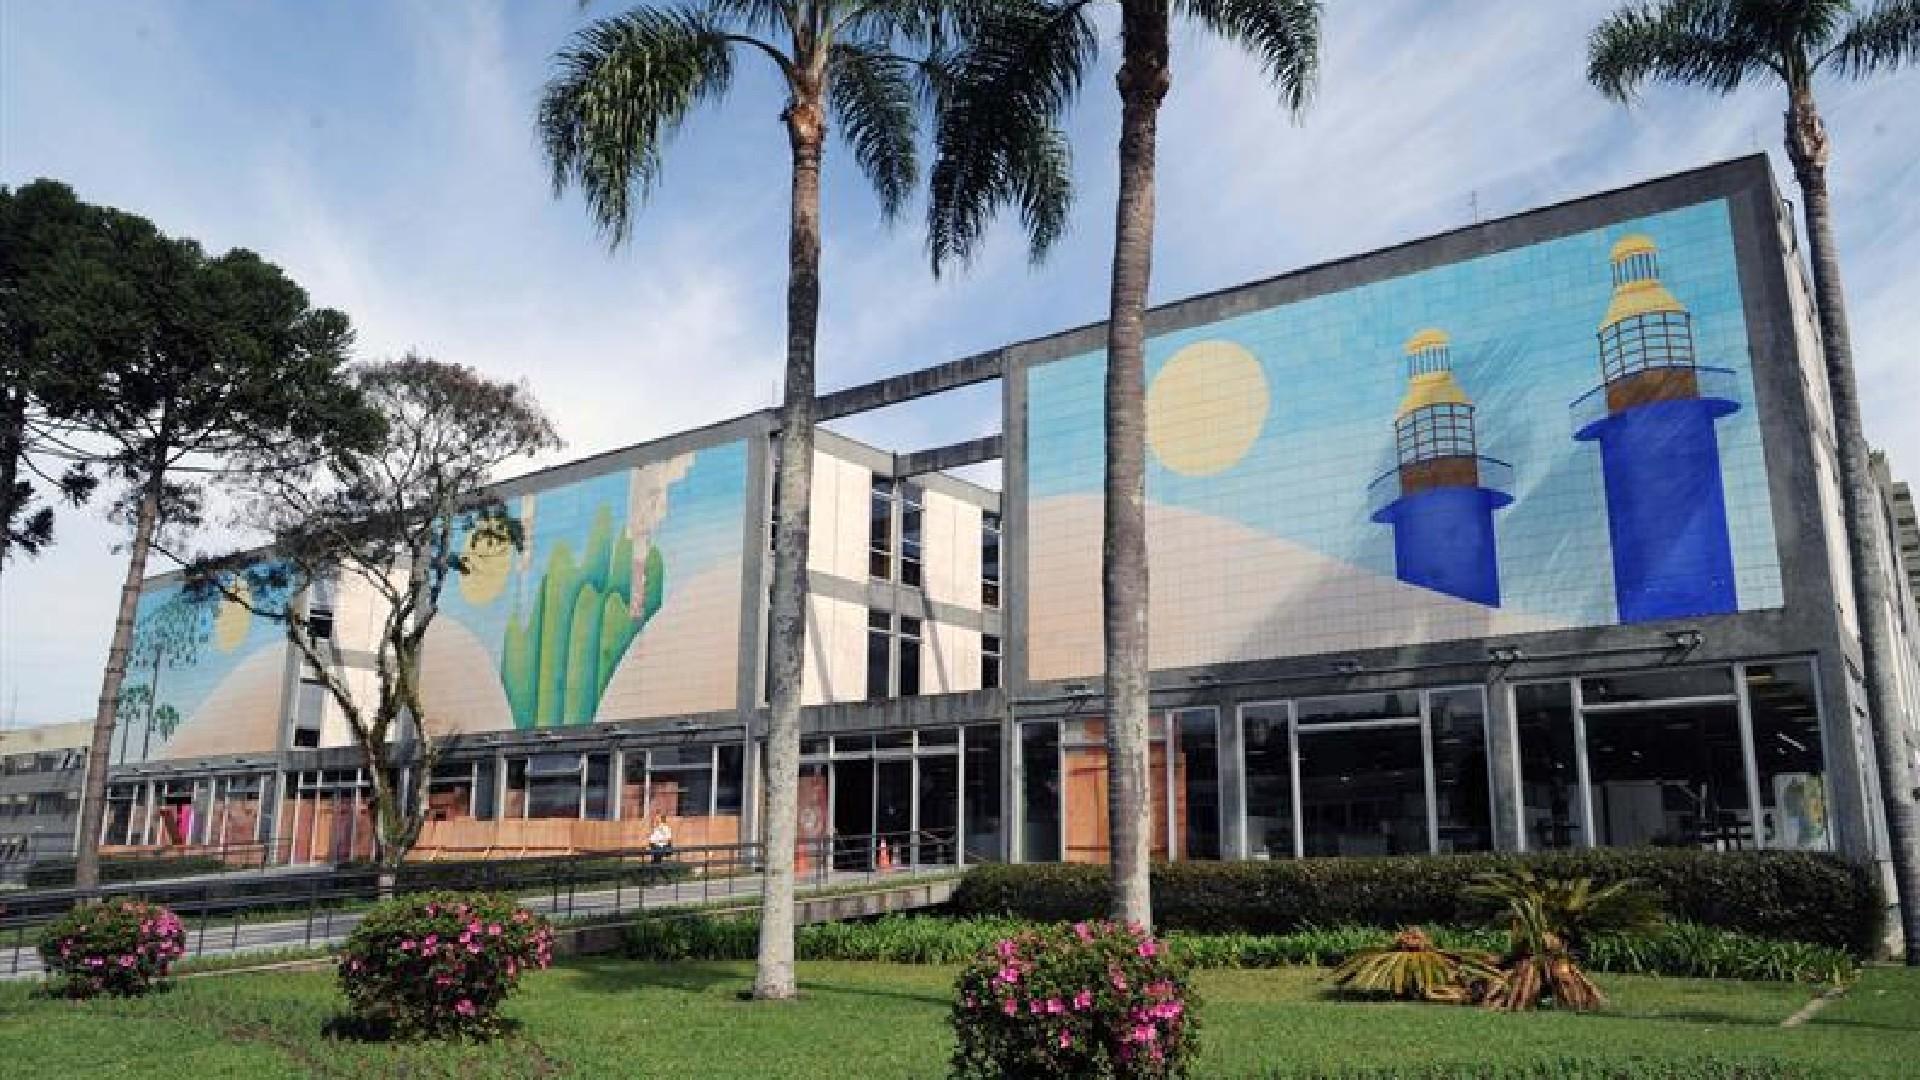 Covid-19: Prefeitura de Curitiba antecipa primeira parcela do 13º salário a servidores, aposentados e pensionistas